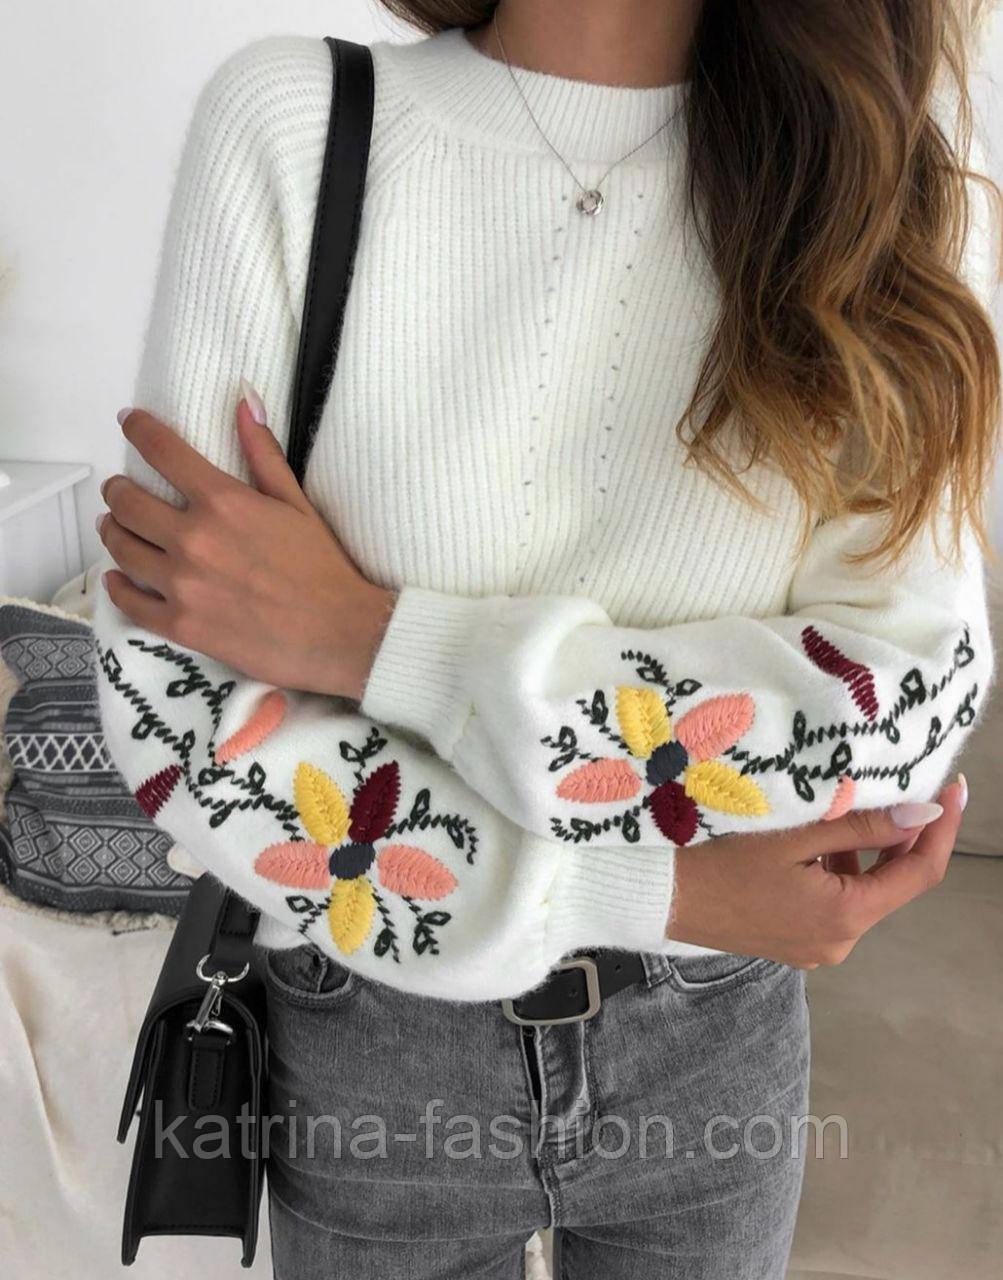 Женский стильный свитер / джемпер с вышивкой на рукавах (разные цвета)